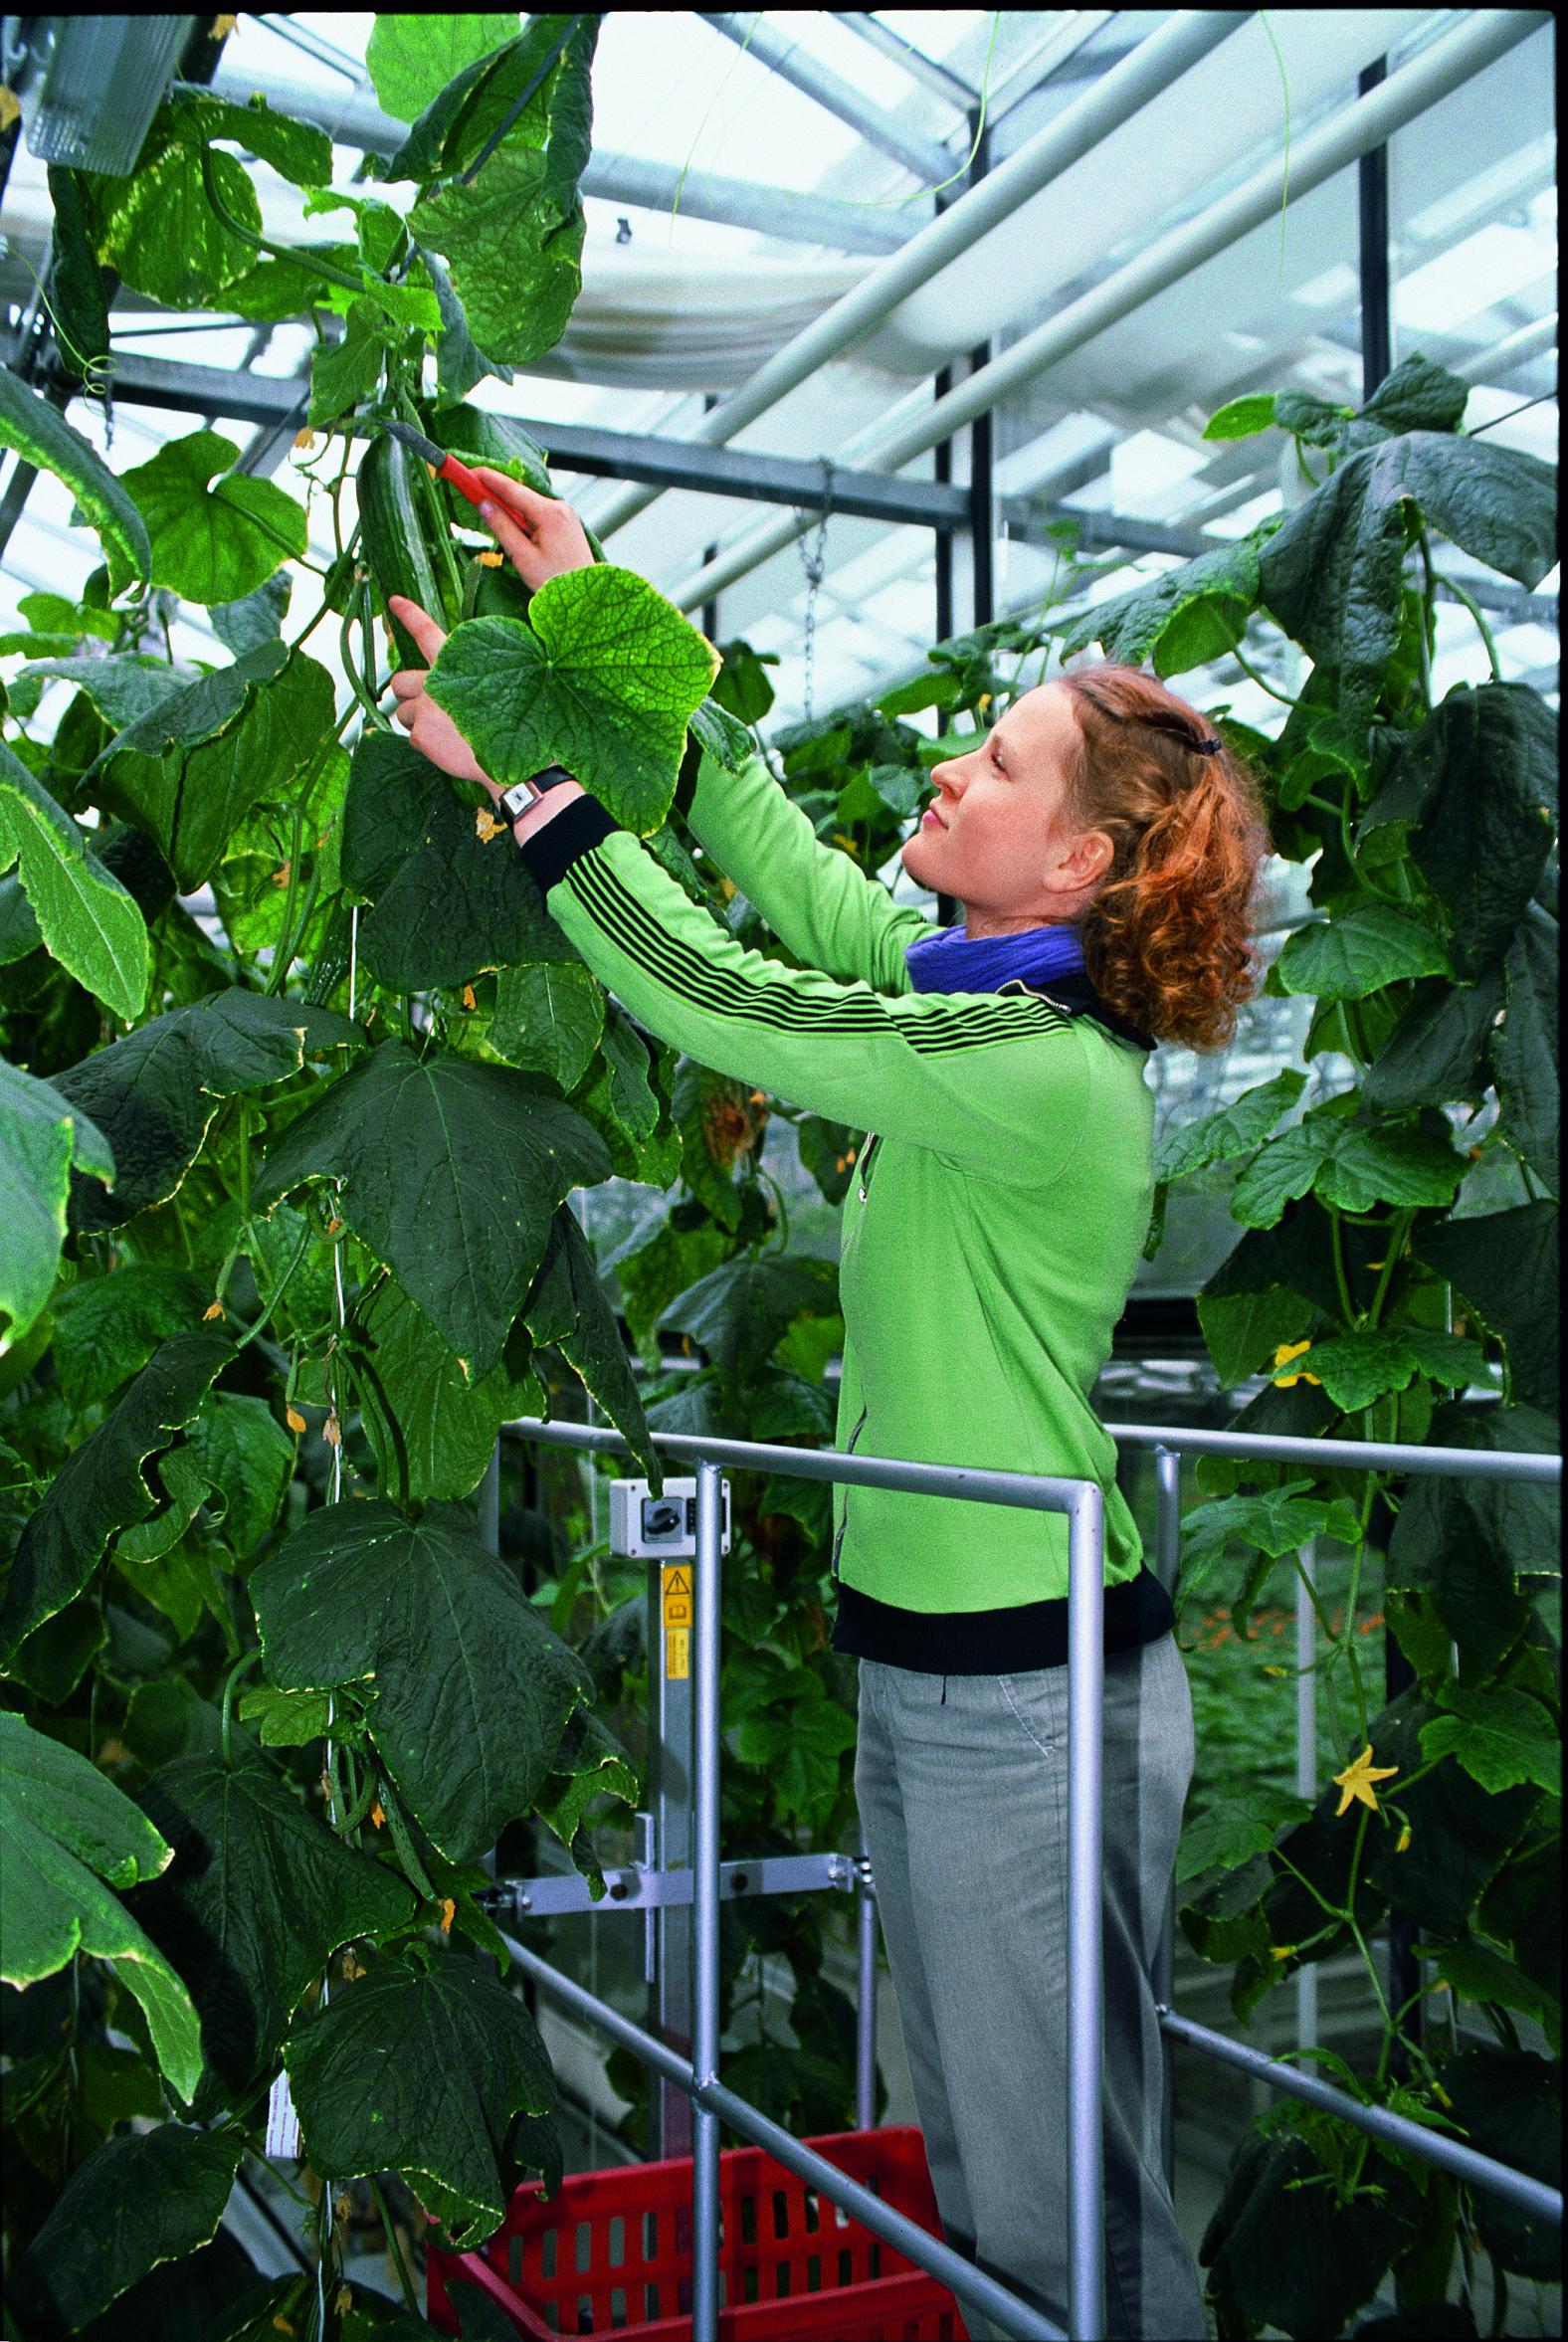 Rasche Rückkehr zu frischem Gemüse